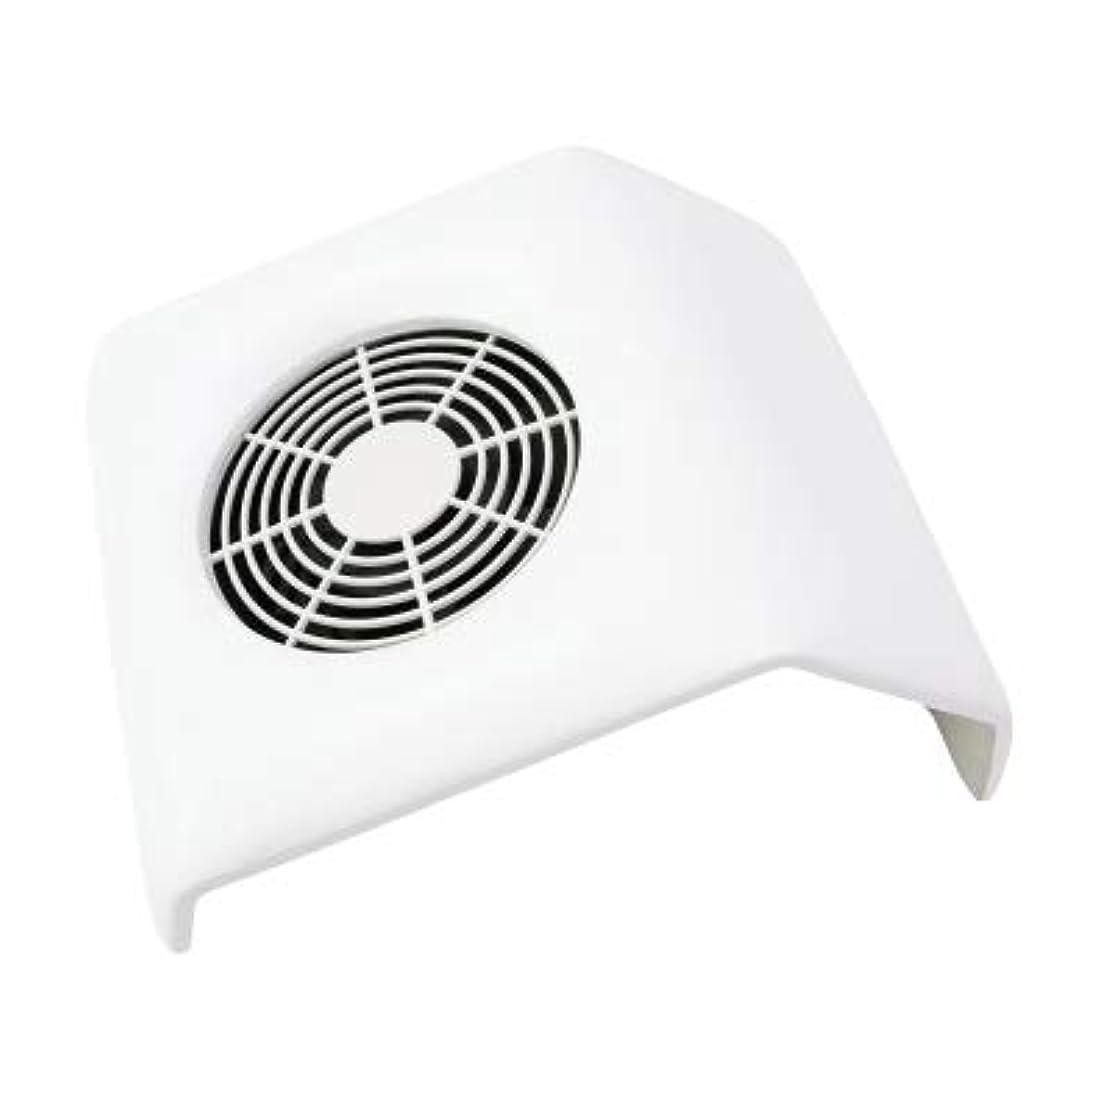 むしろ冷凍庫アンケート集塵機 コンパクトタイプ ネイルダストクリーナー Compact Nail Dust Cleaner バッグ付き ネイルオフ ダストコレクター (ホワイト)